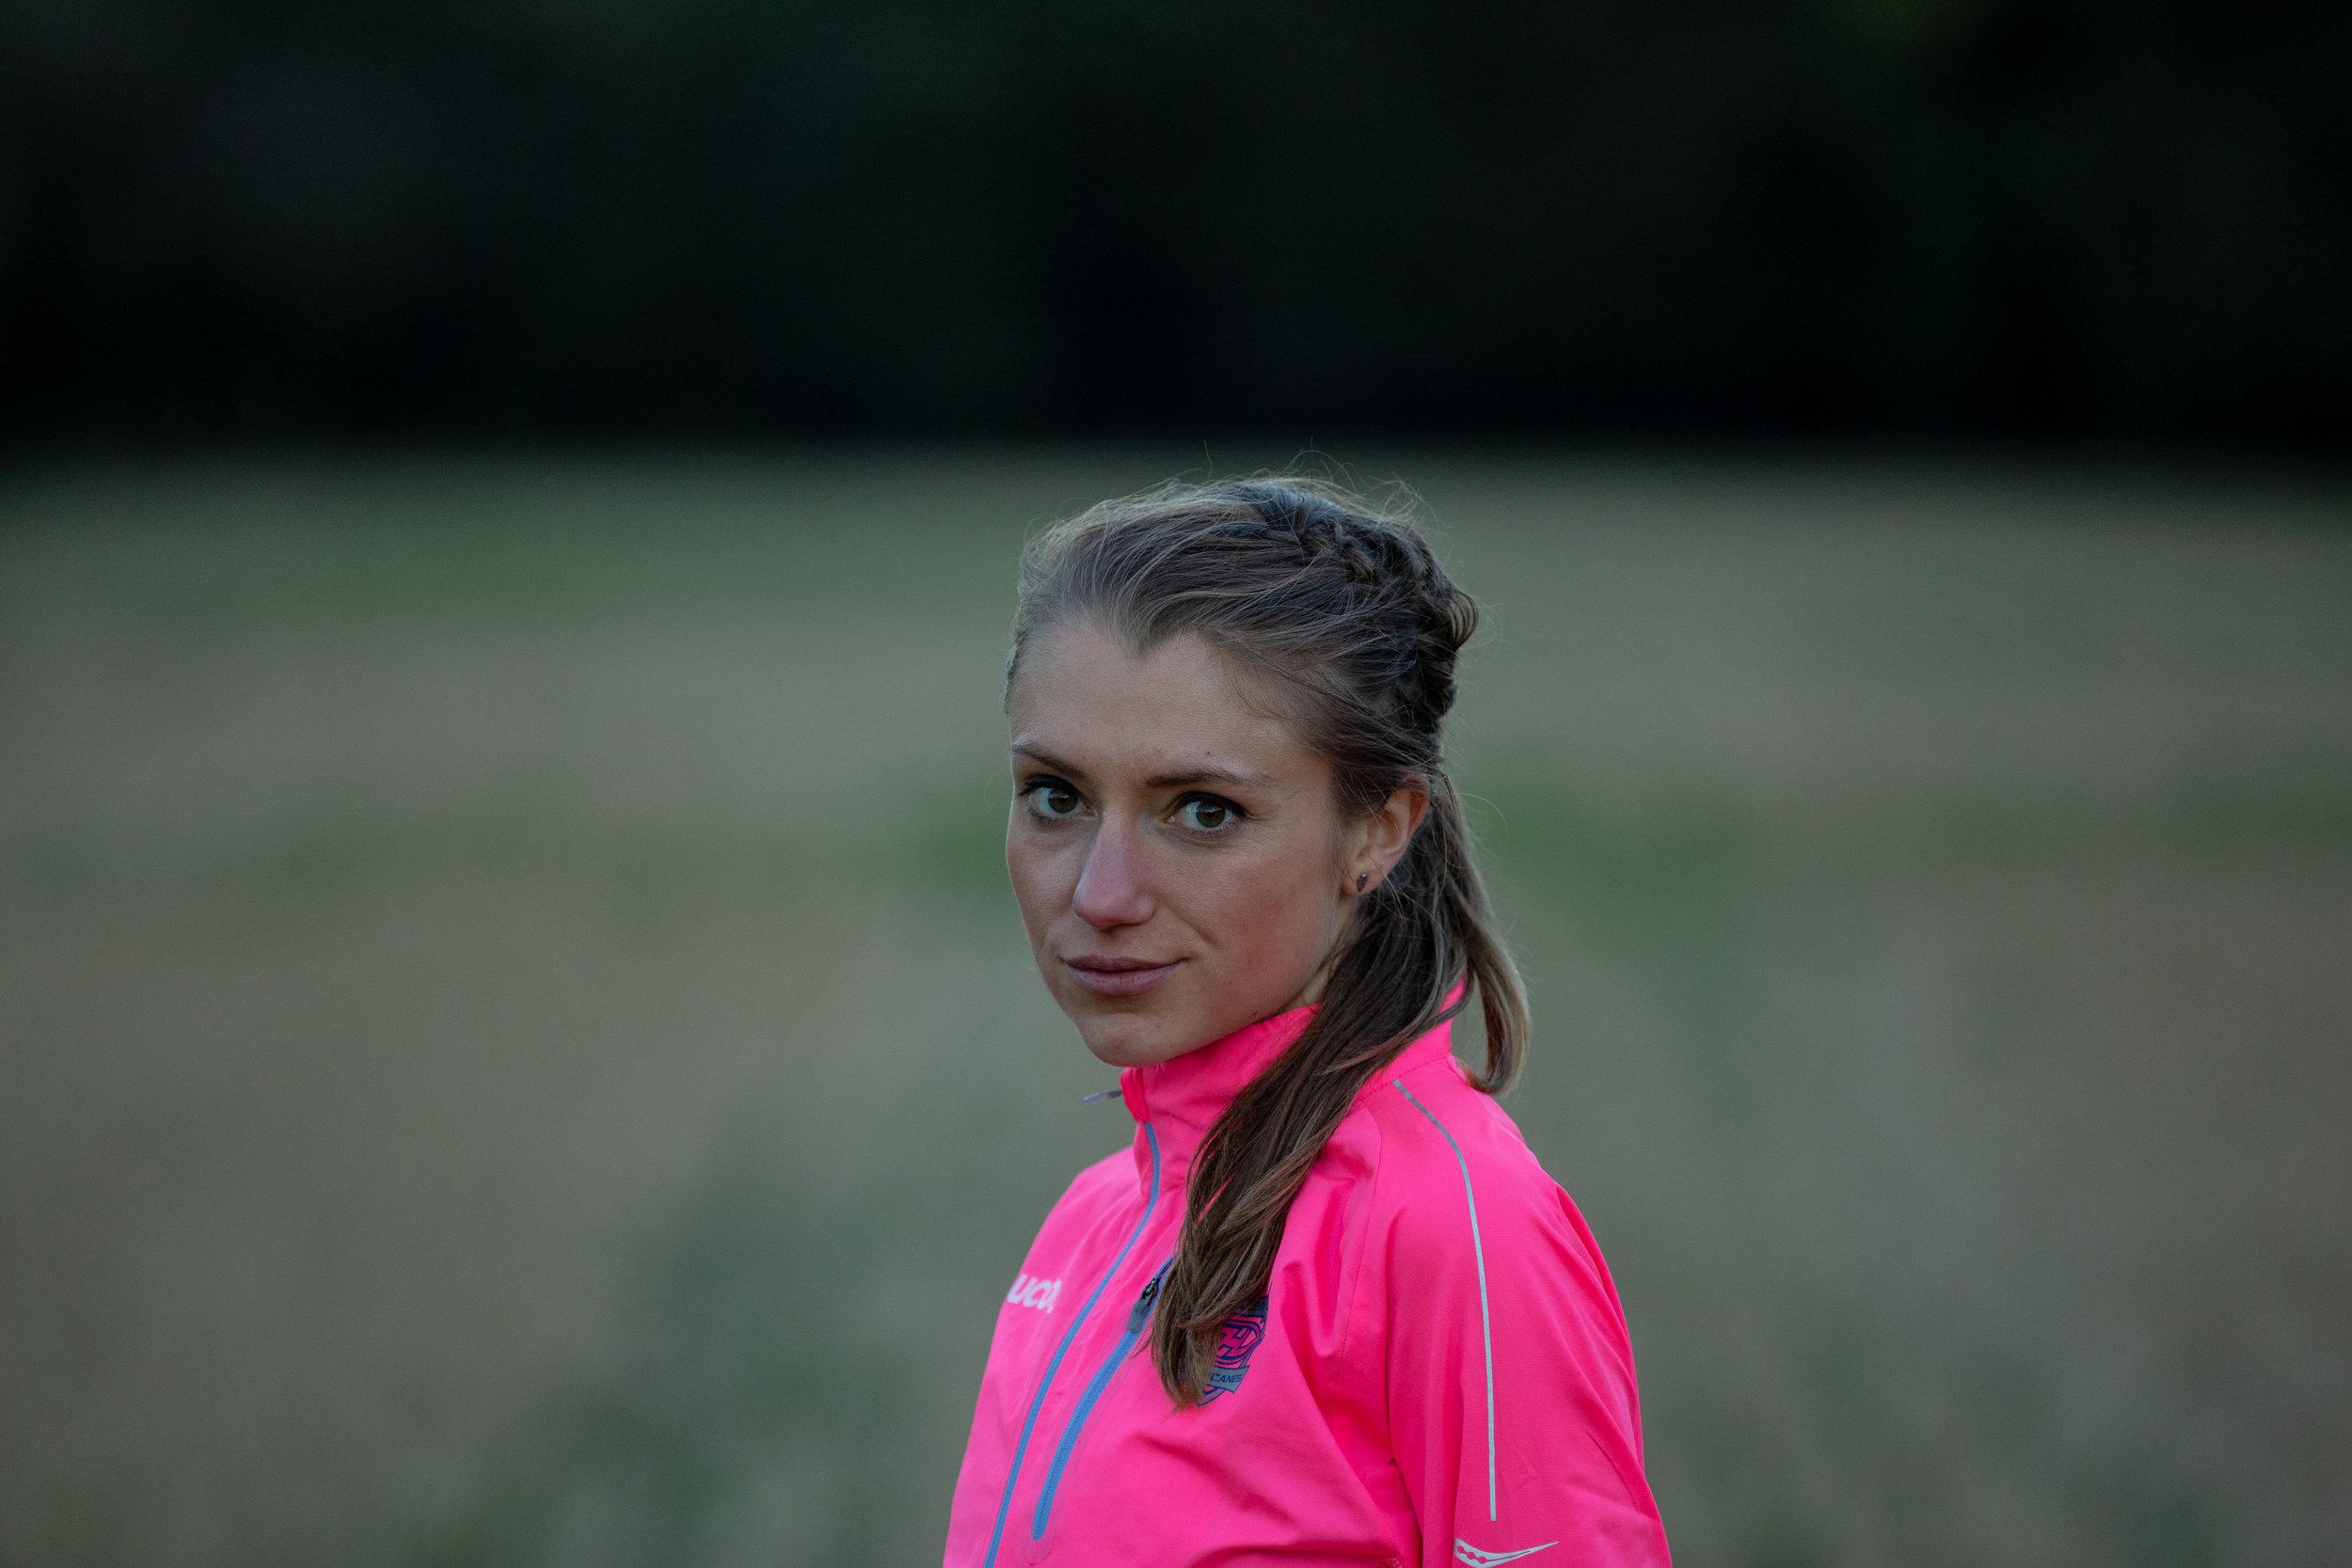 Anna_Running-43.jpg